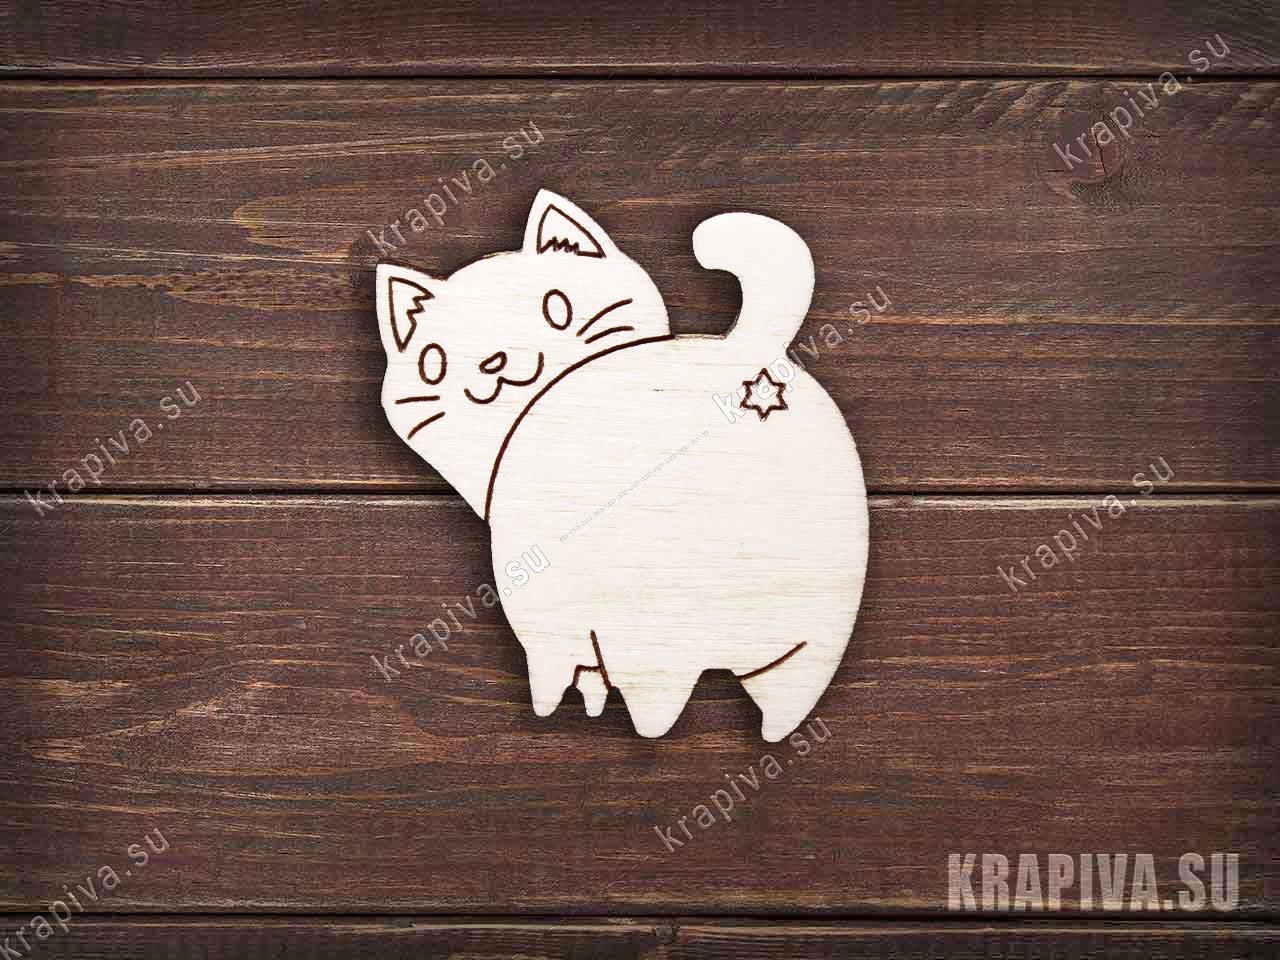 Заготовка деревянного значка Кот сзади №2 (krapiva.su)